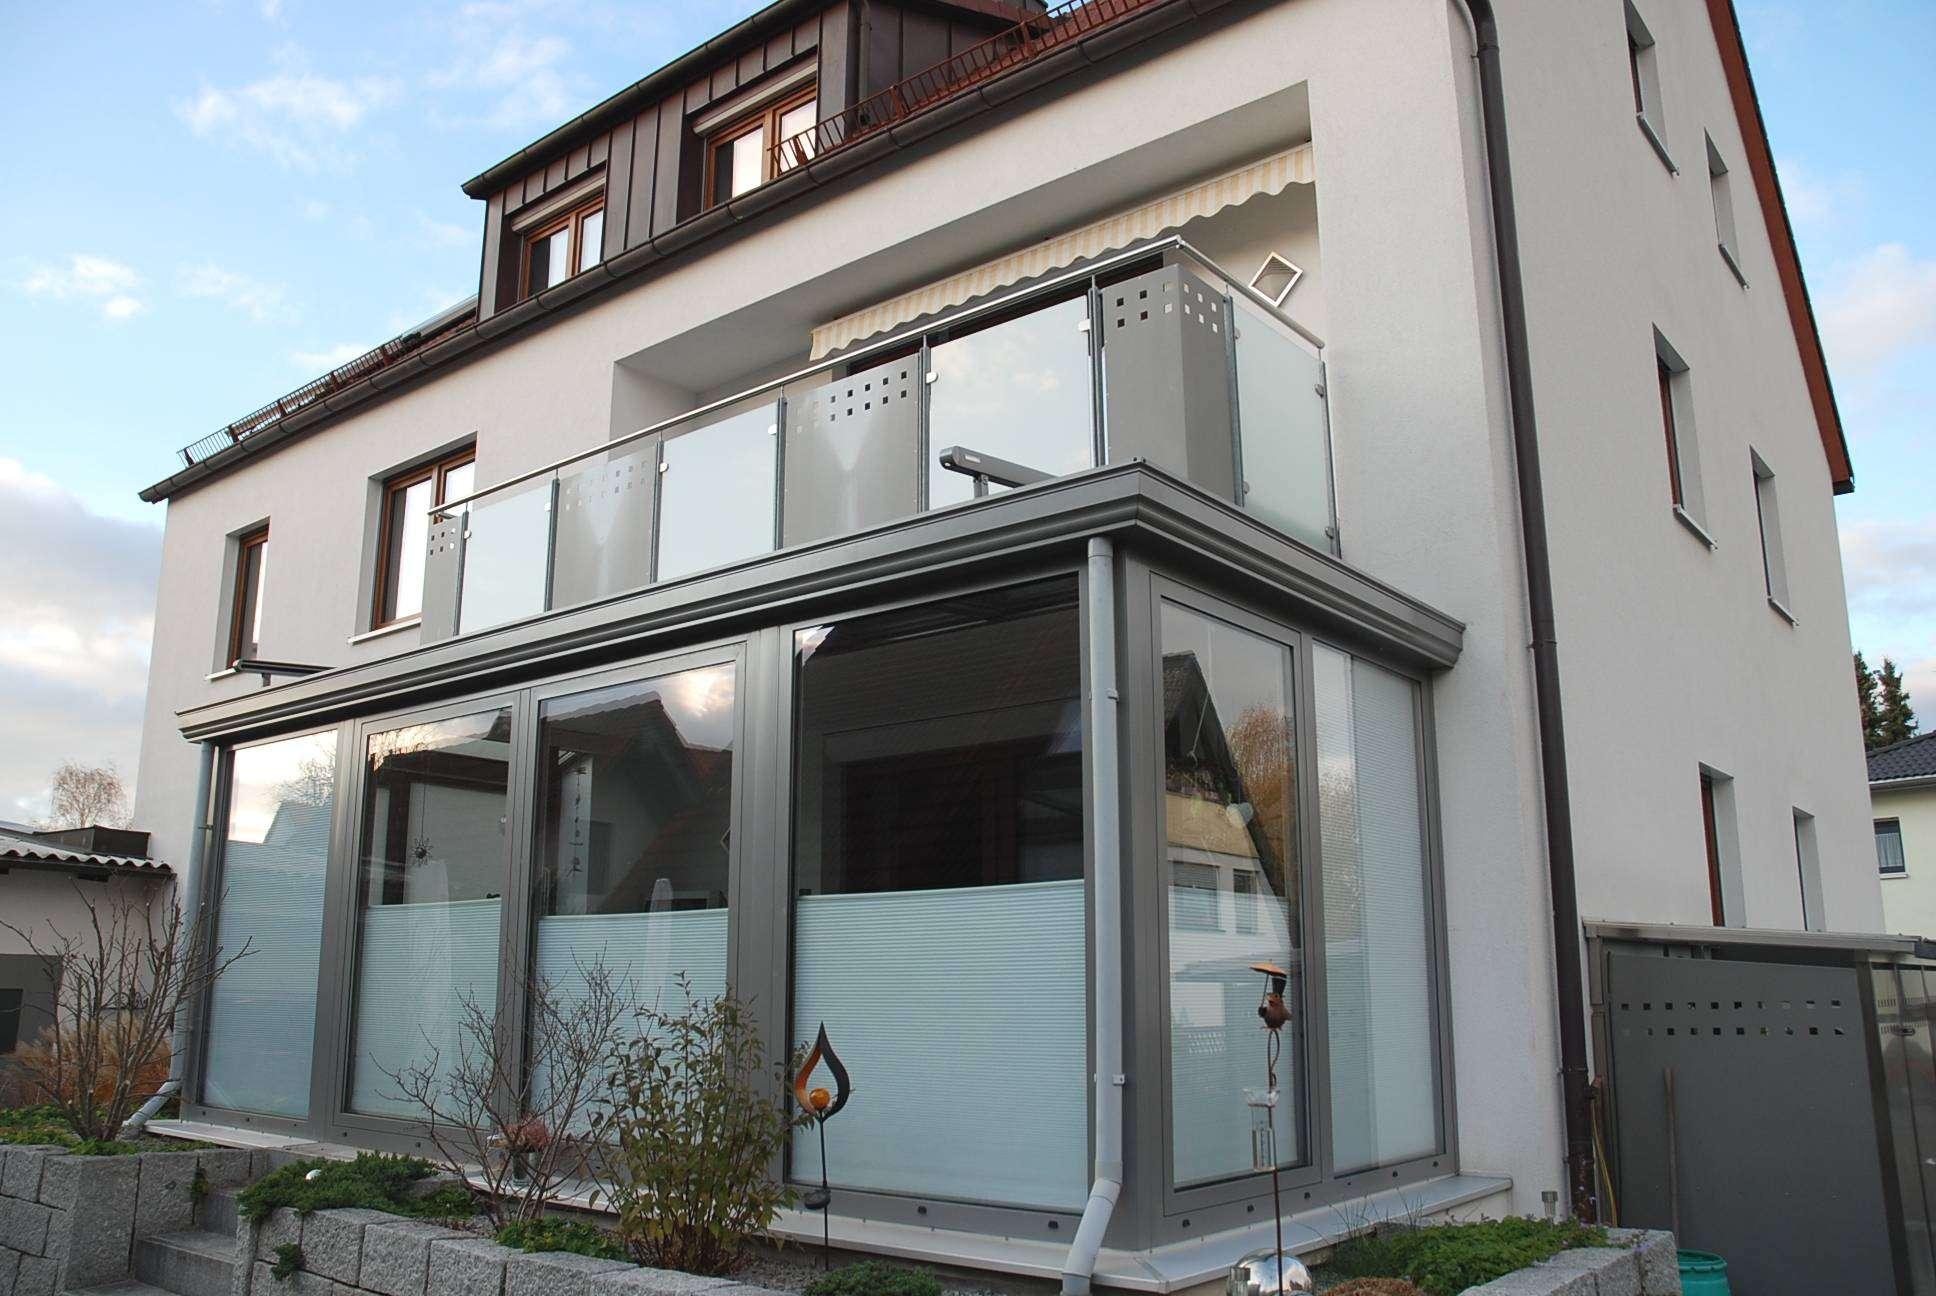 Ab sofort verfügbar:Tolle- frisch renovierte 4 Zimmerwohnung mit Balkon + EBK.+ Garage in N.-Boxdorf in Boxdorf (Nürnberg)